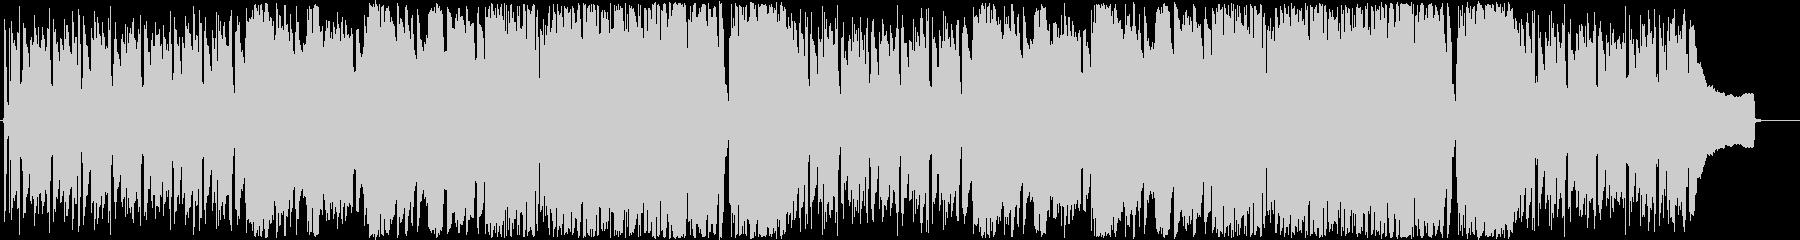 ピアノ&フルートが主体のポジティブBGMの未再生の波形